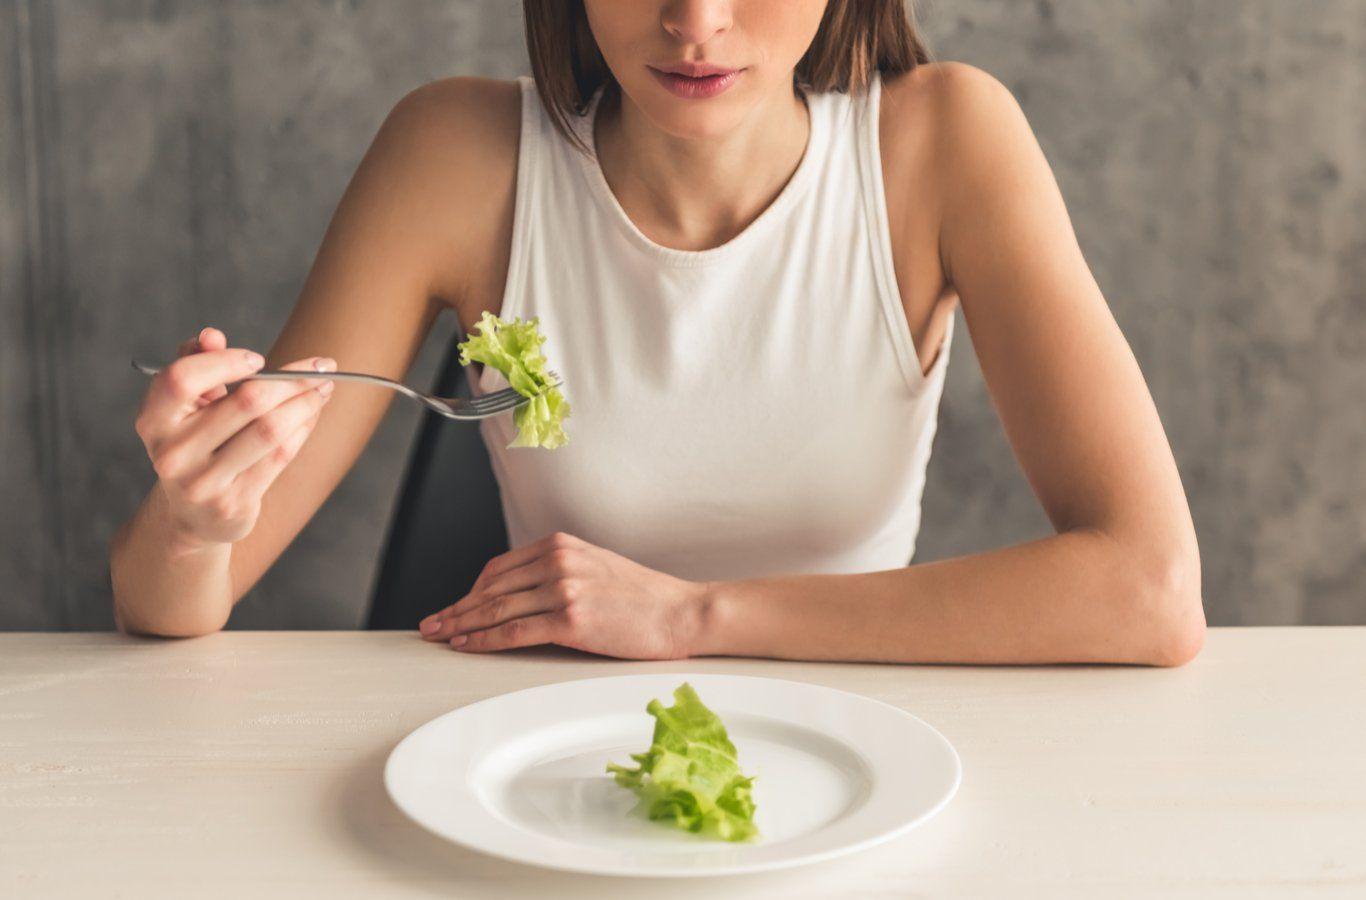 que son los trastornos alimenticios